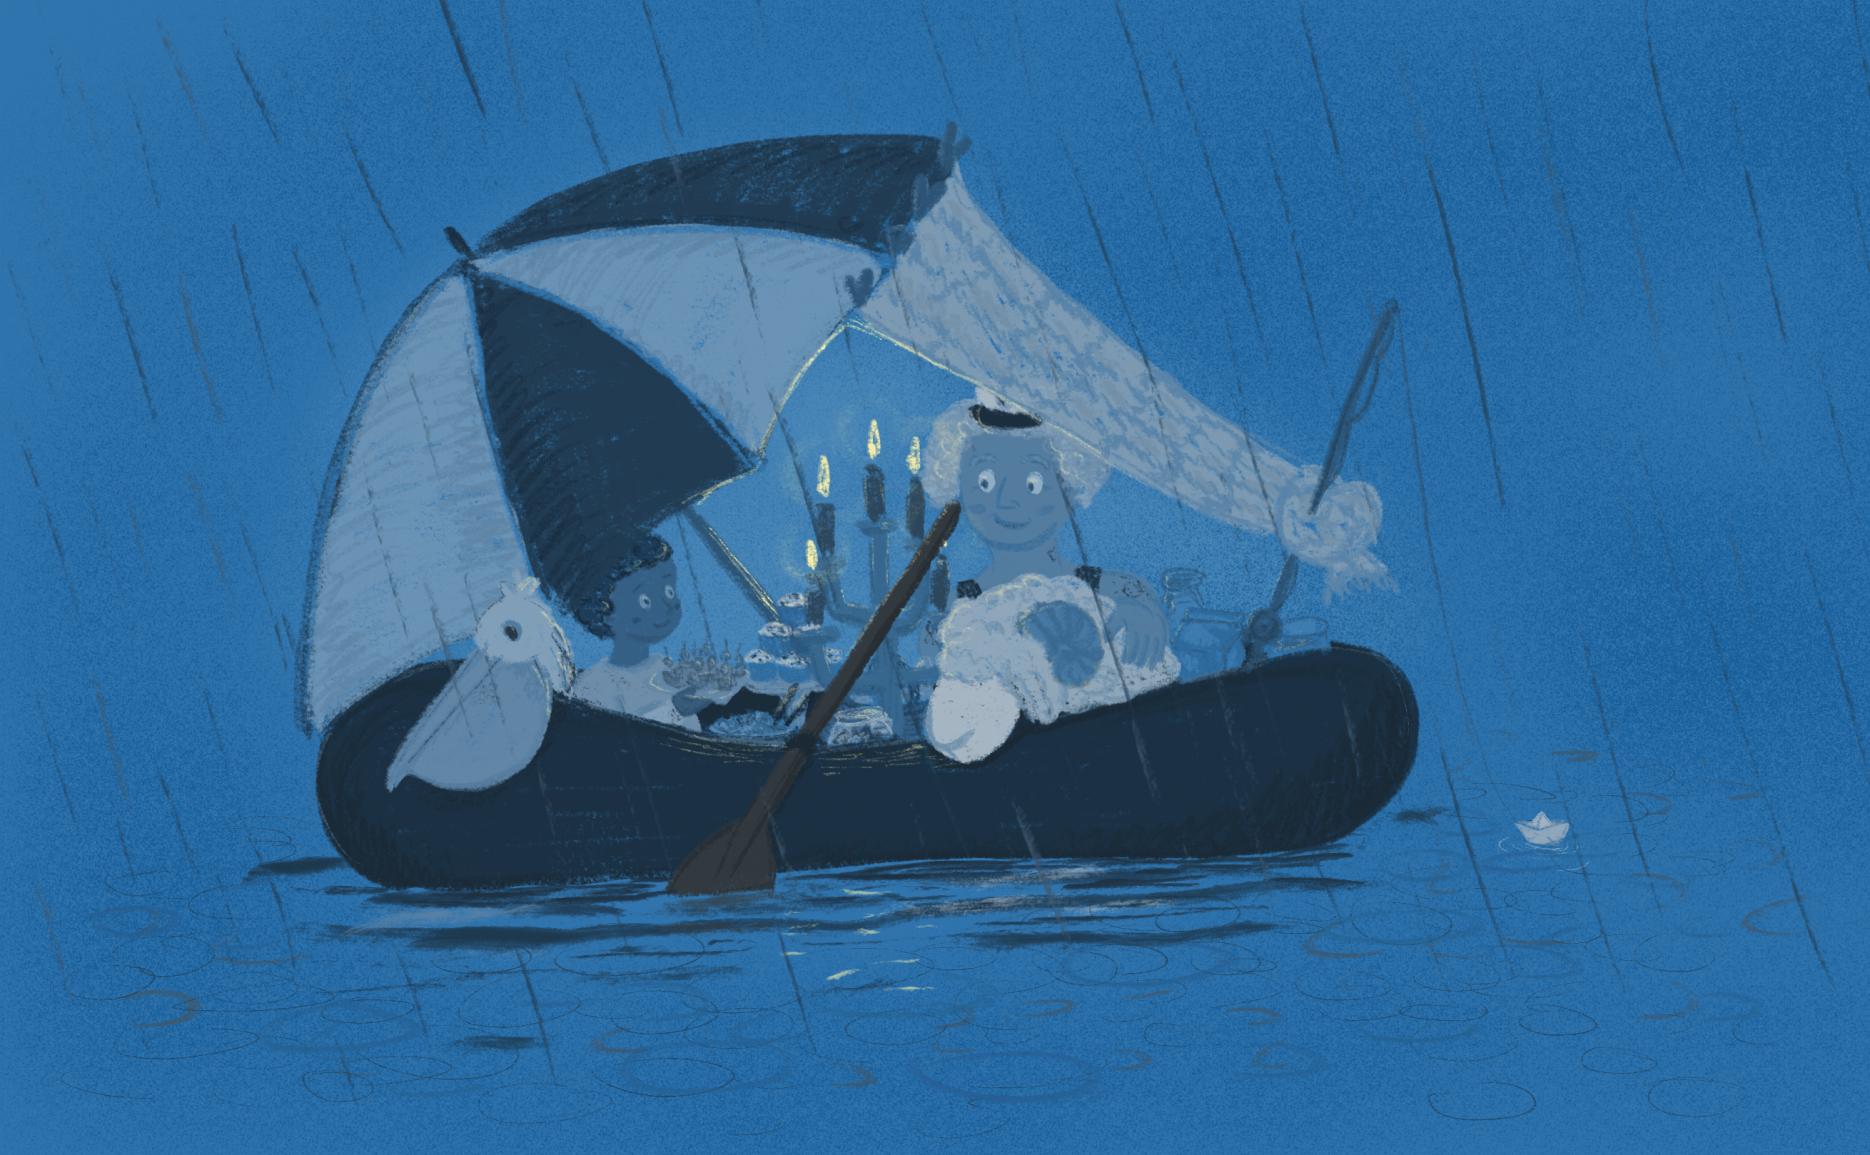 Alle sitzen im Schlauchboot unterm Sonnenschirm und picknicken bei Kerzenschein